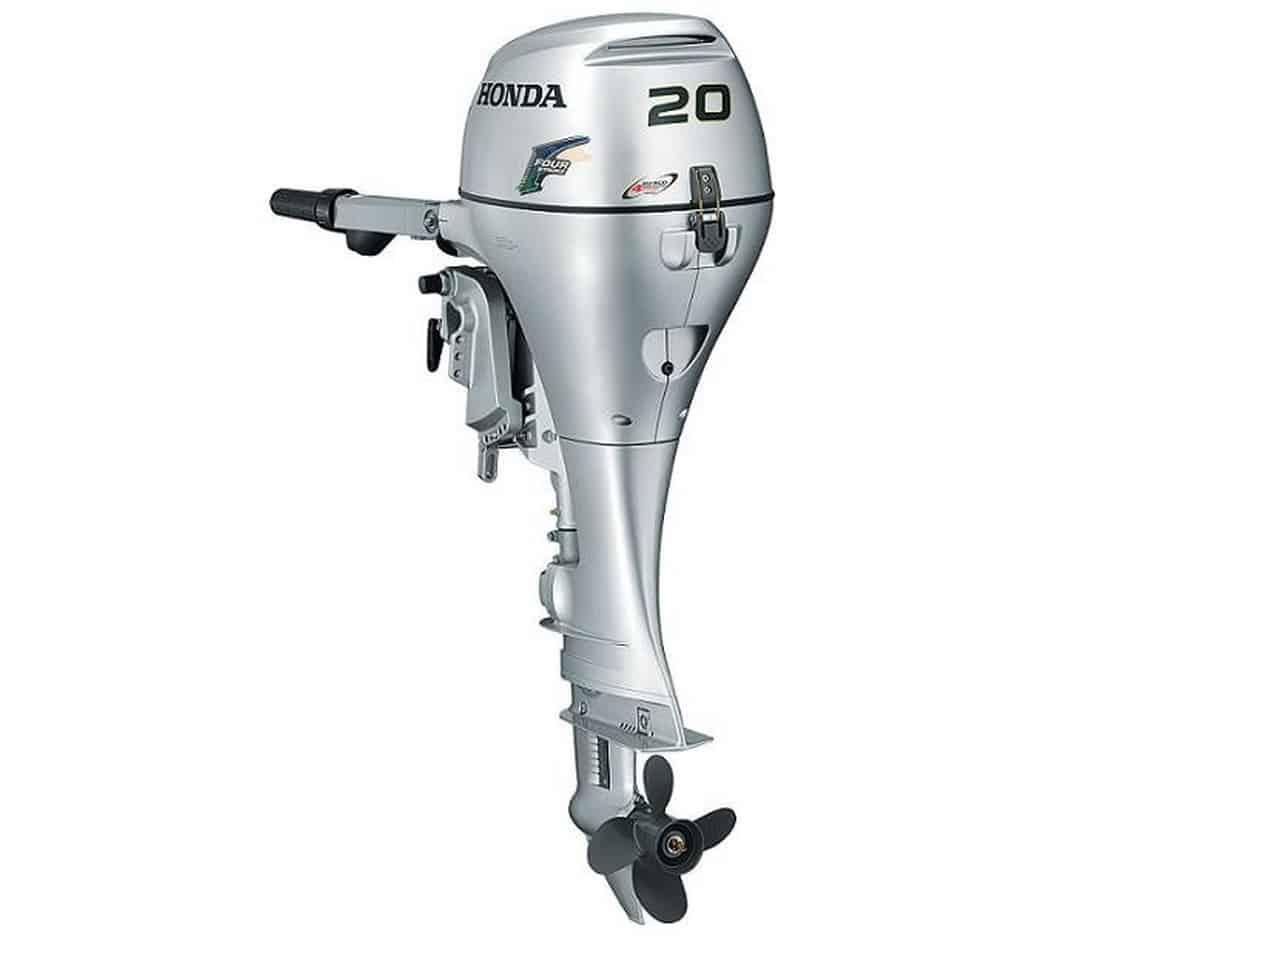 лодочный мотор honda bf20